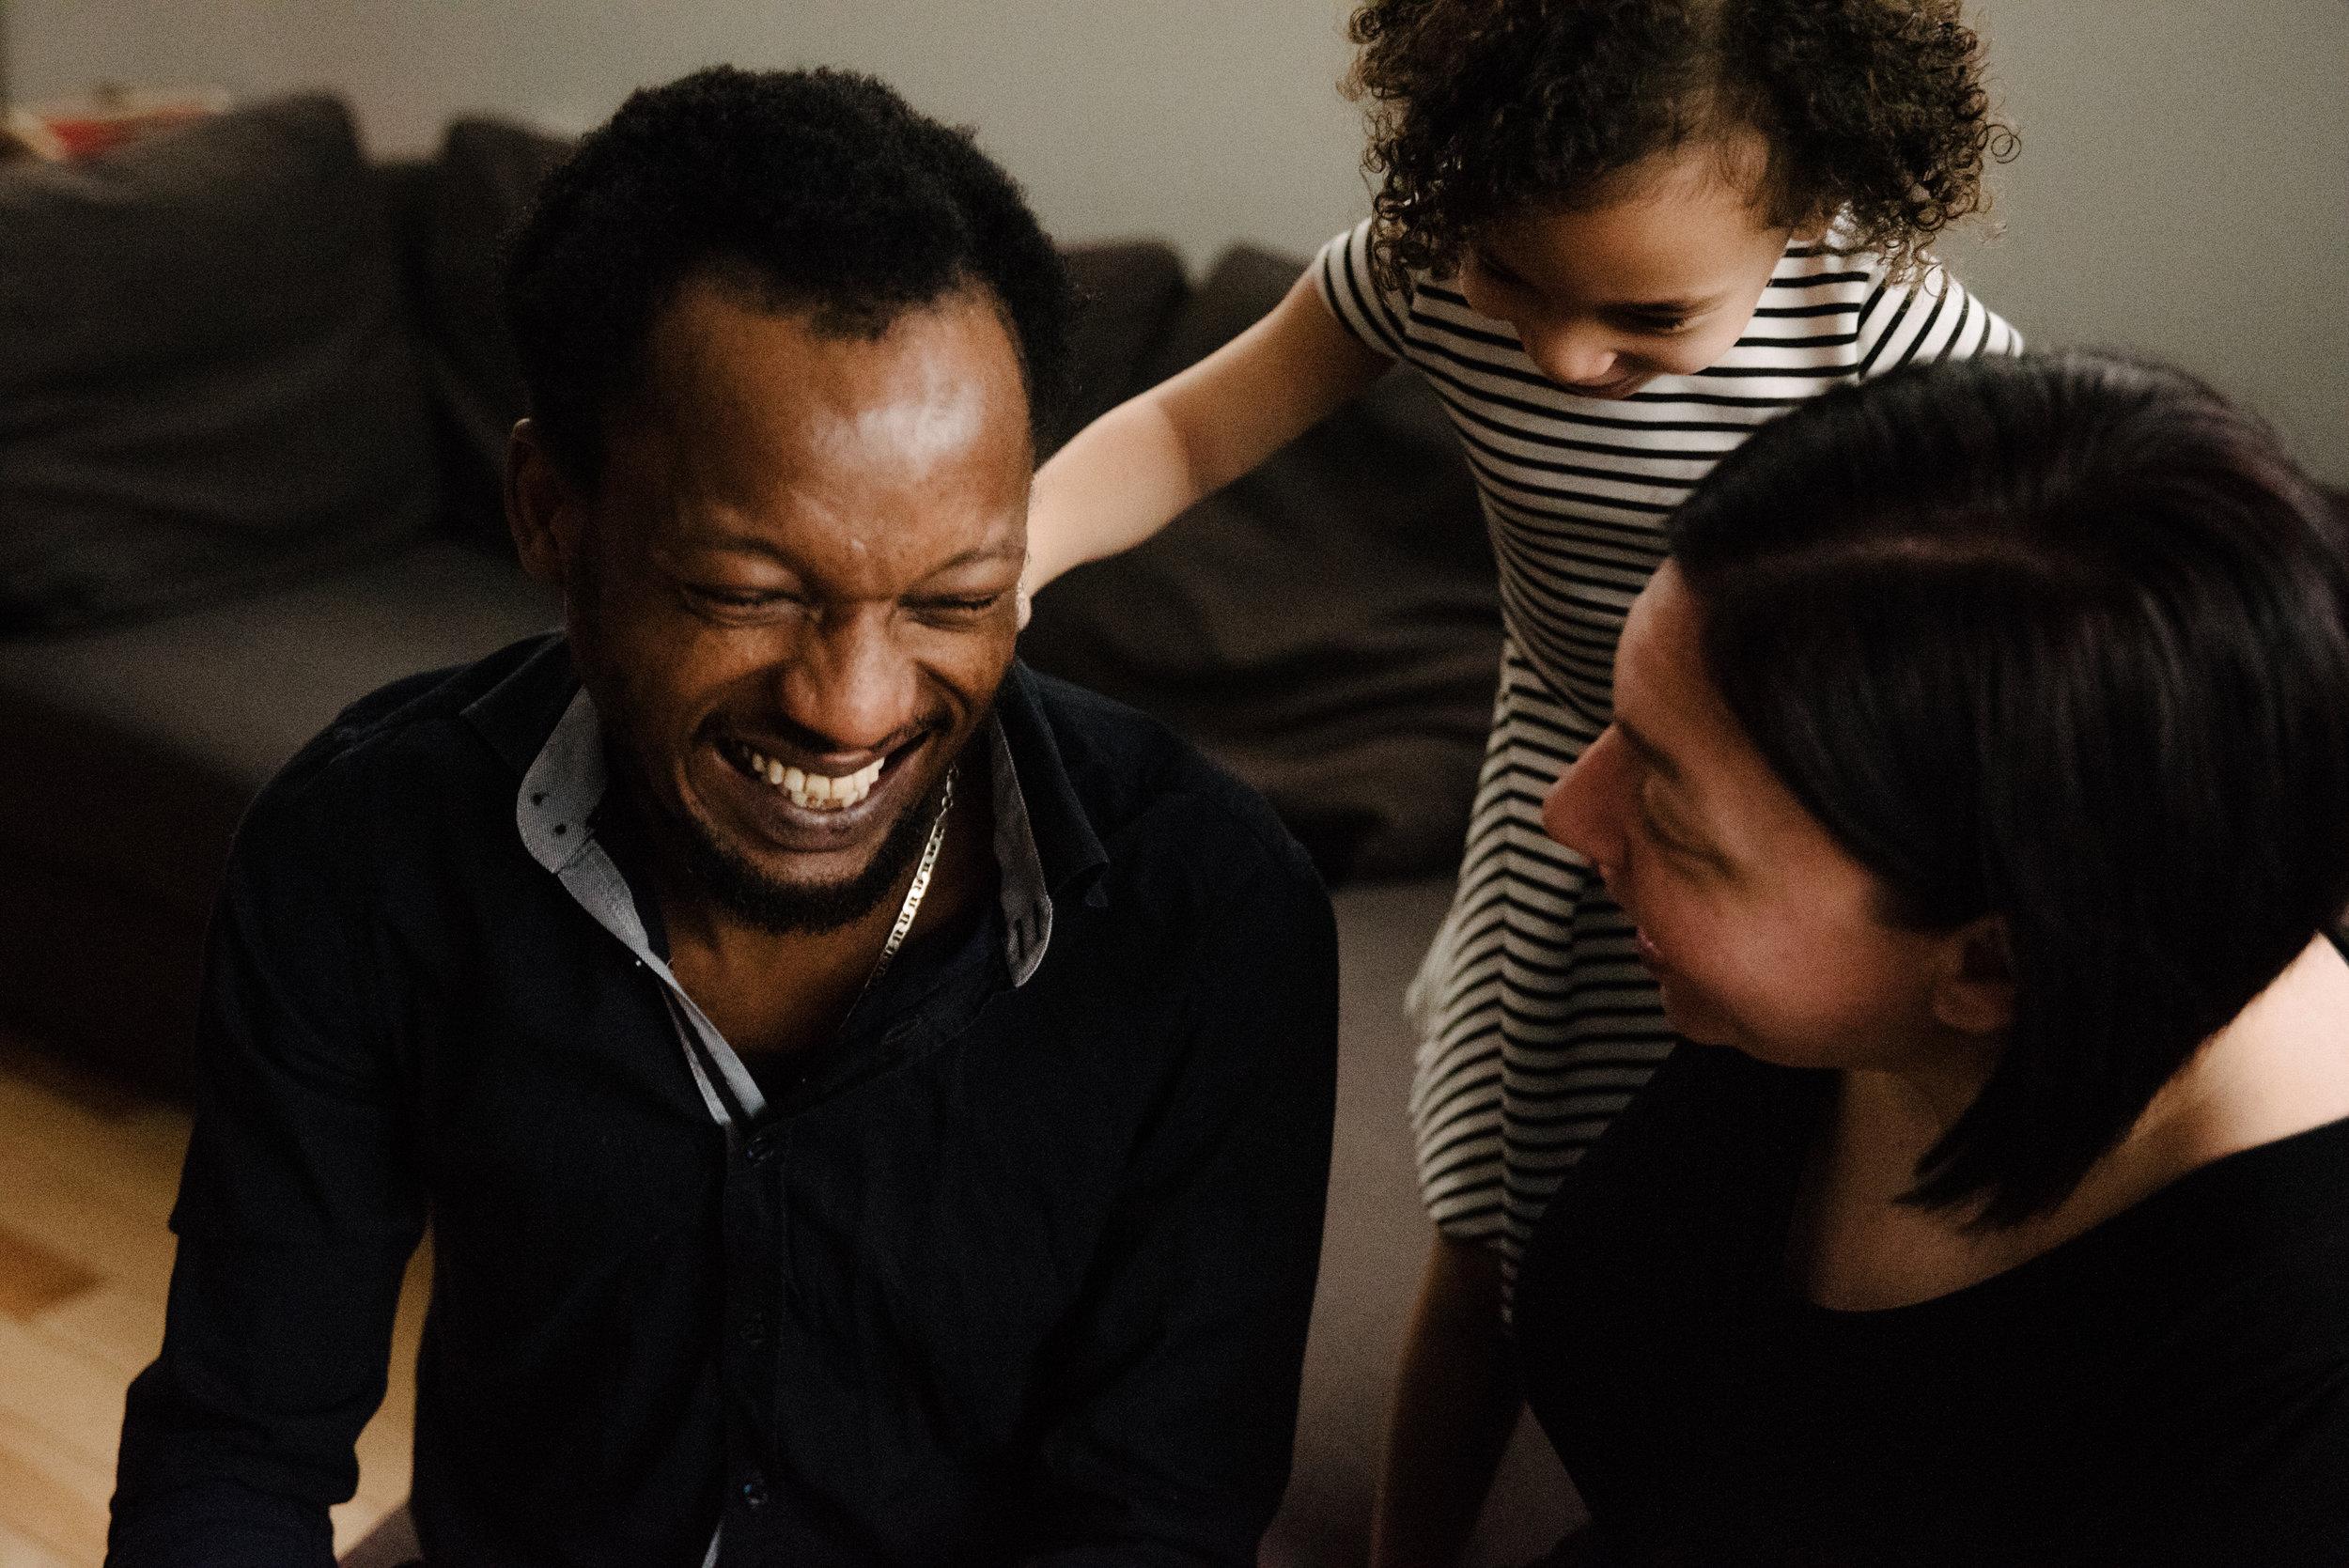 photo-d-une-fillette-et-ses-parents-qui-rigolent-sur-le-divan-photographe-de-famille-a-montreal-marianne-charland-775.jpg